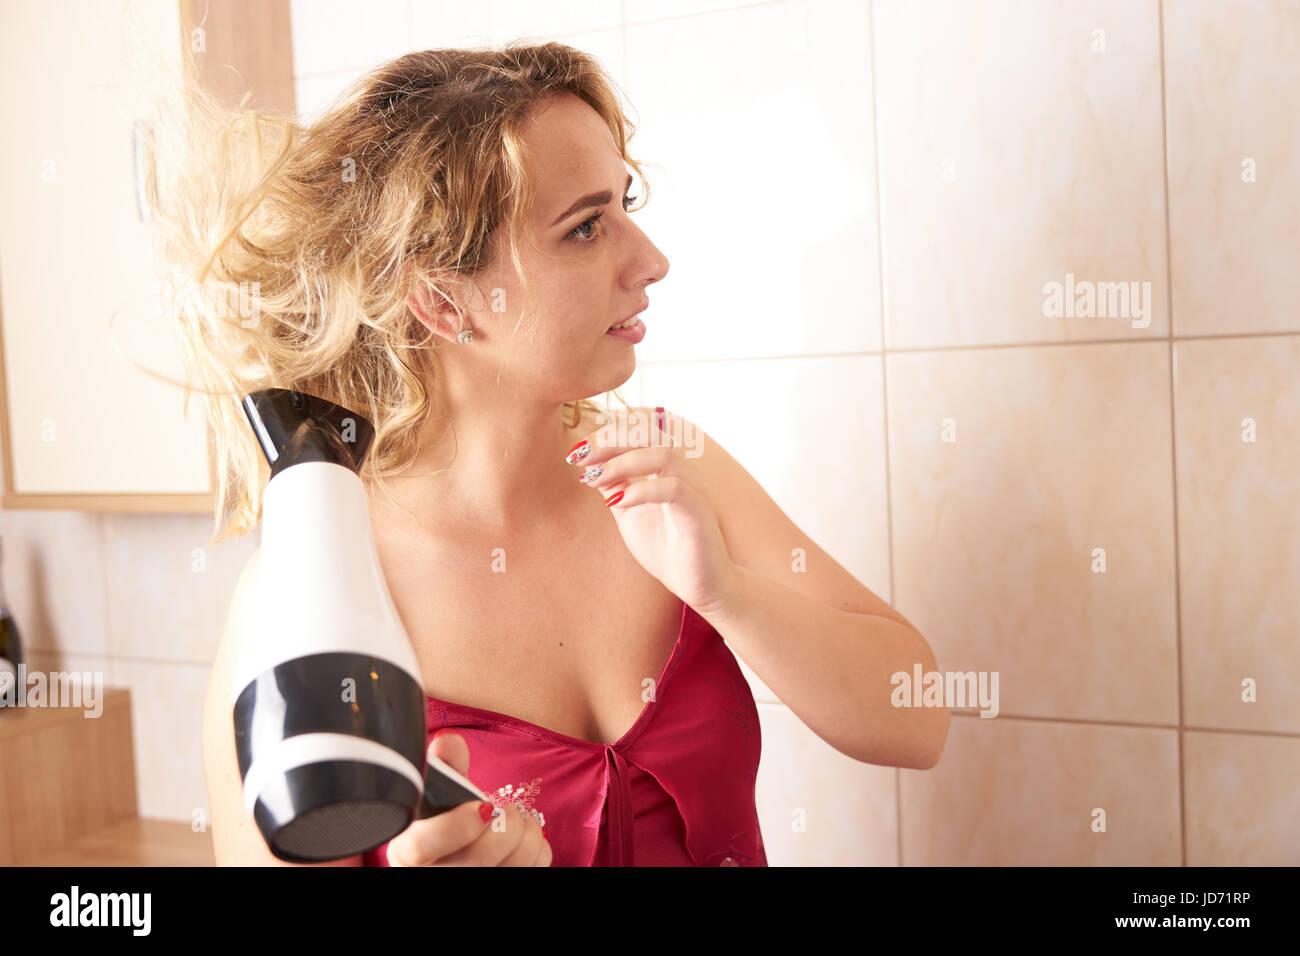 Une jeune femme vêtue d'une nuisette rouge sèche séchage dans la salle de bain le matin Photo Stock